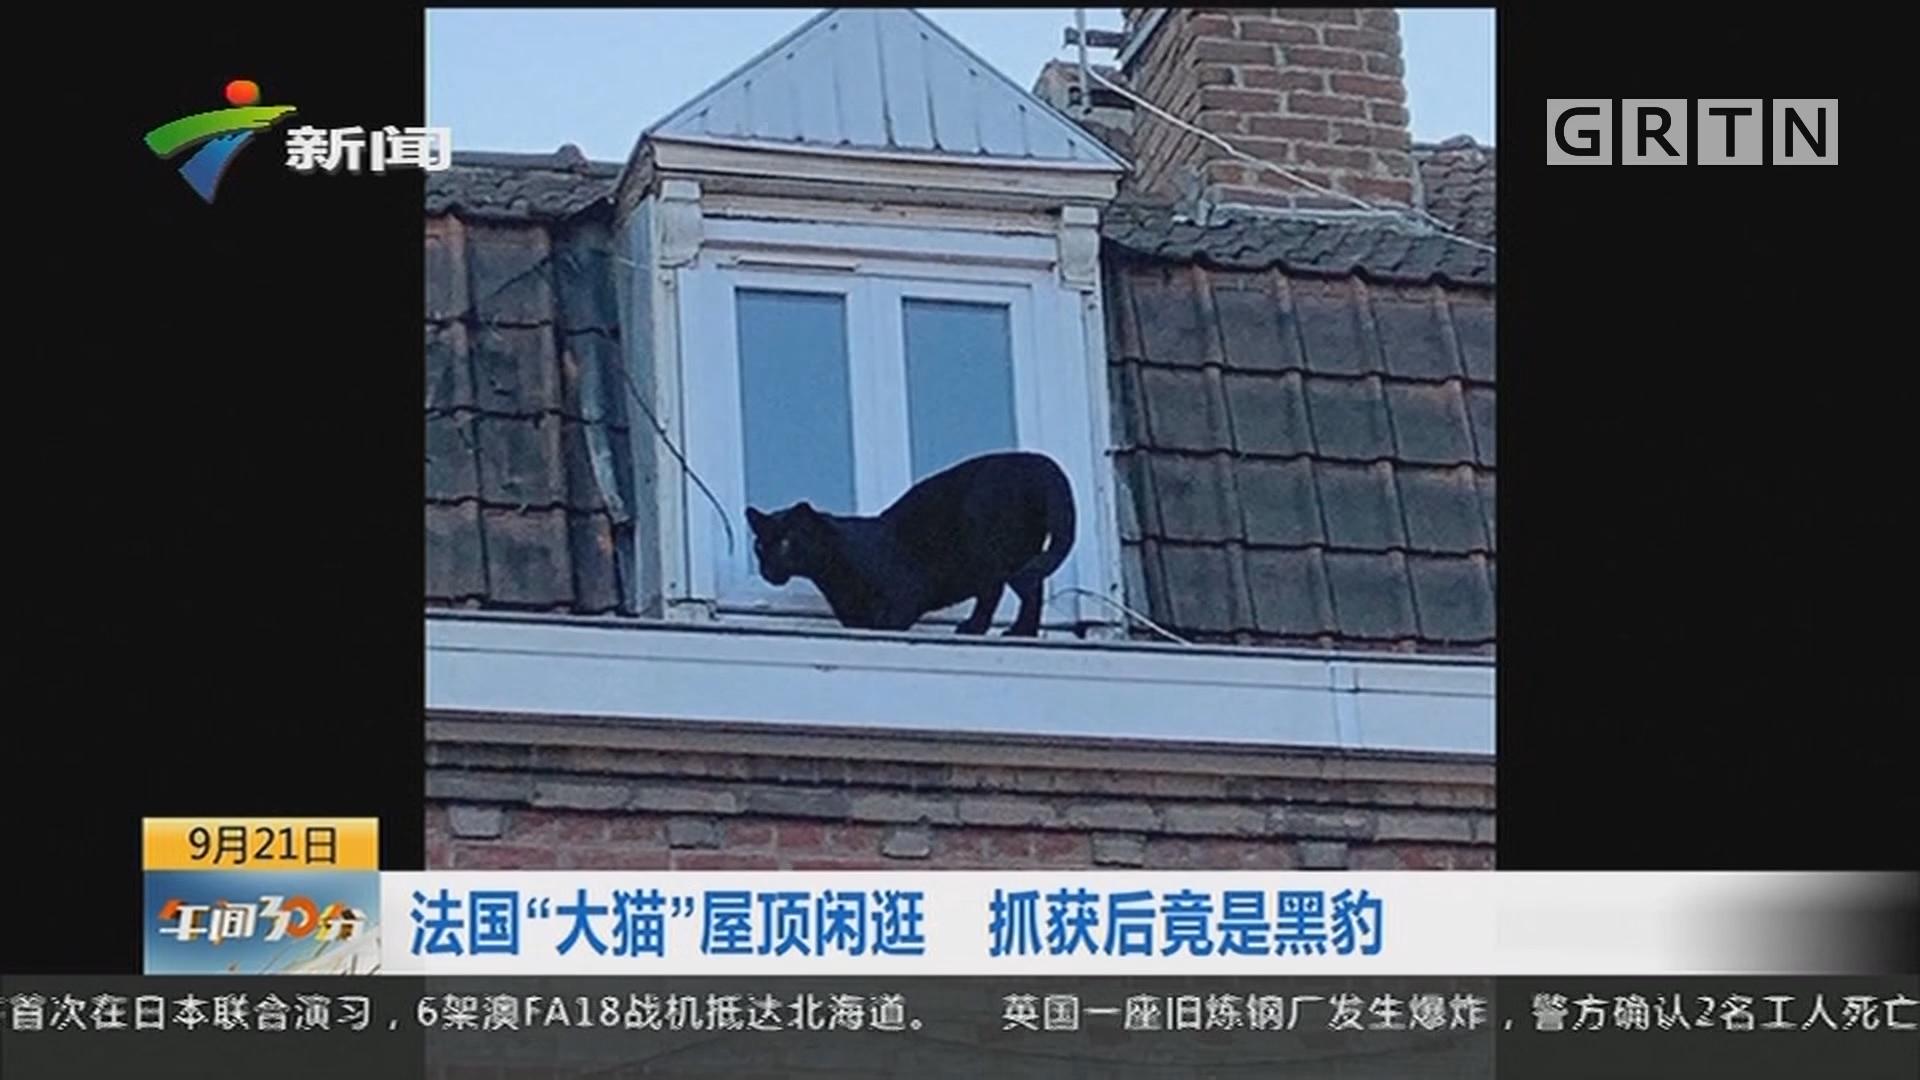 """法国""""大猫""""屋顶闲逛 抓获后竟是黑豹"""